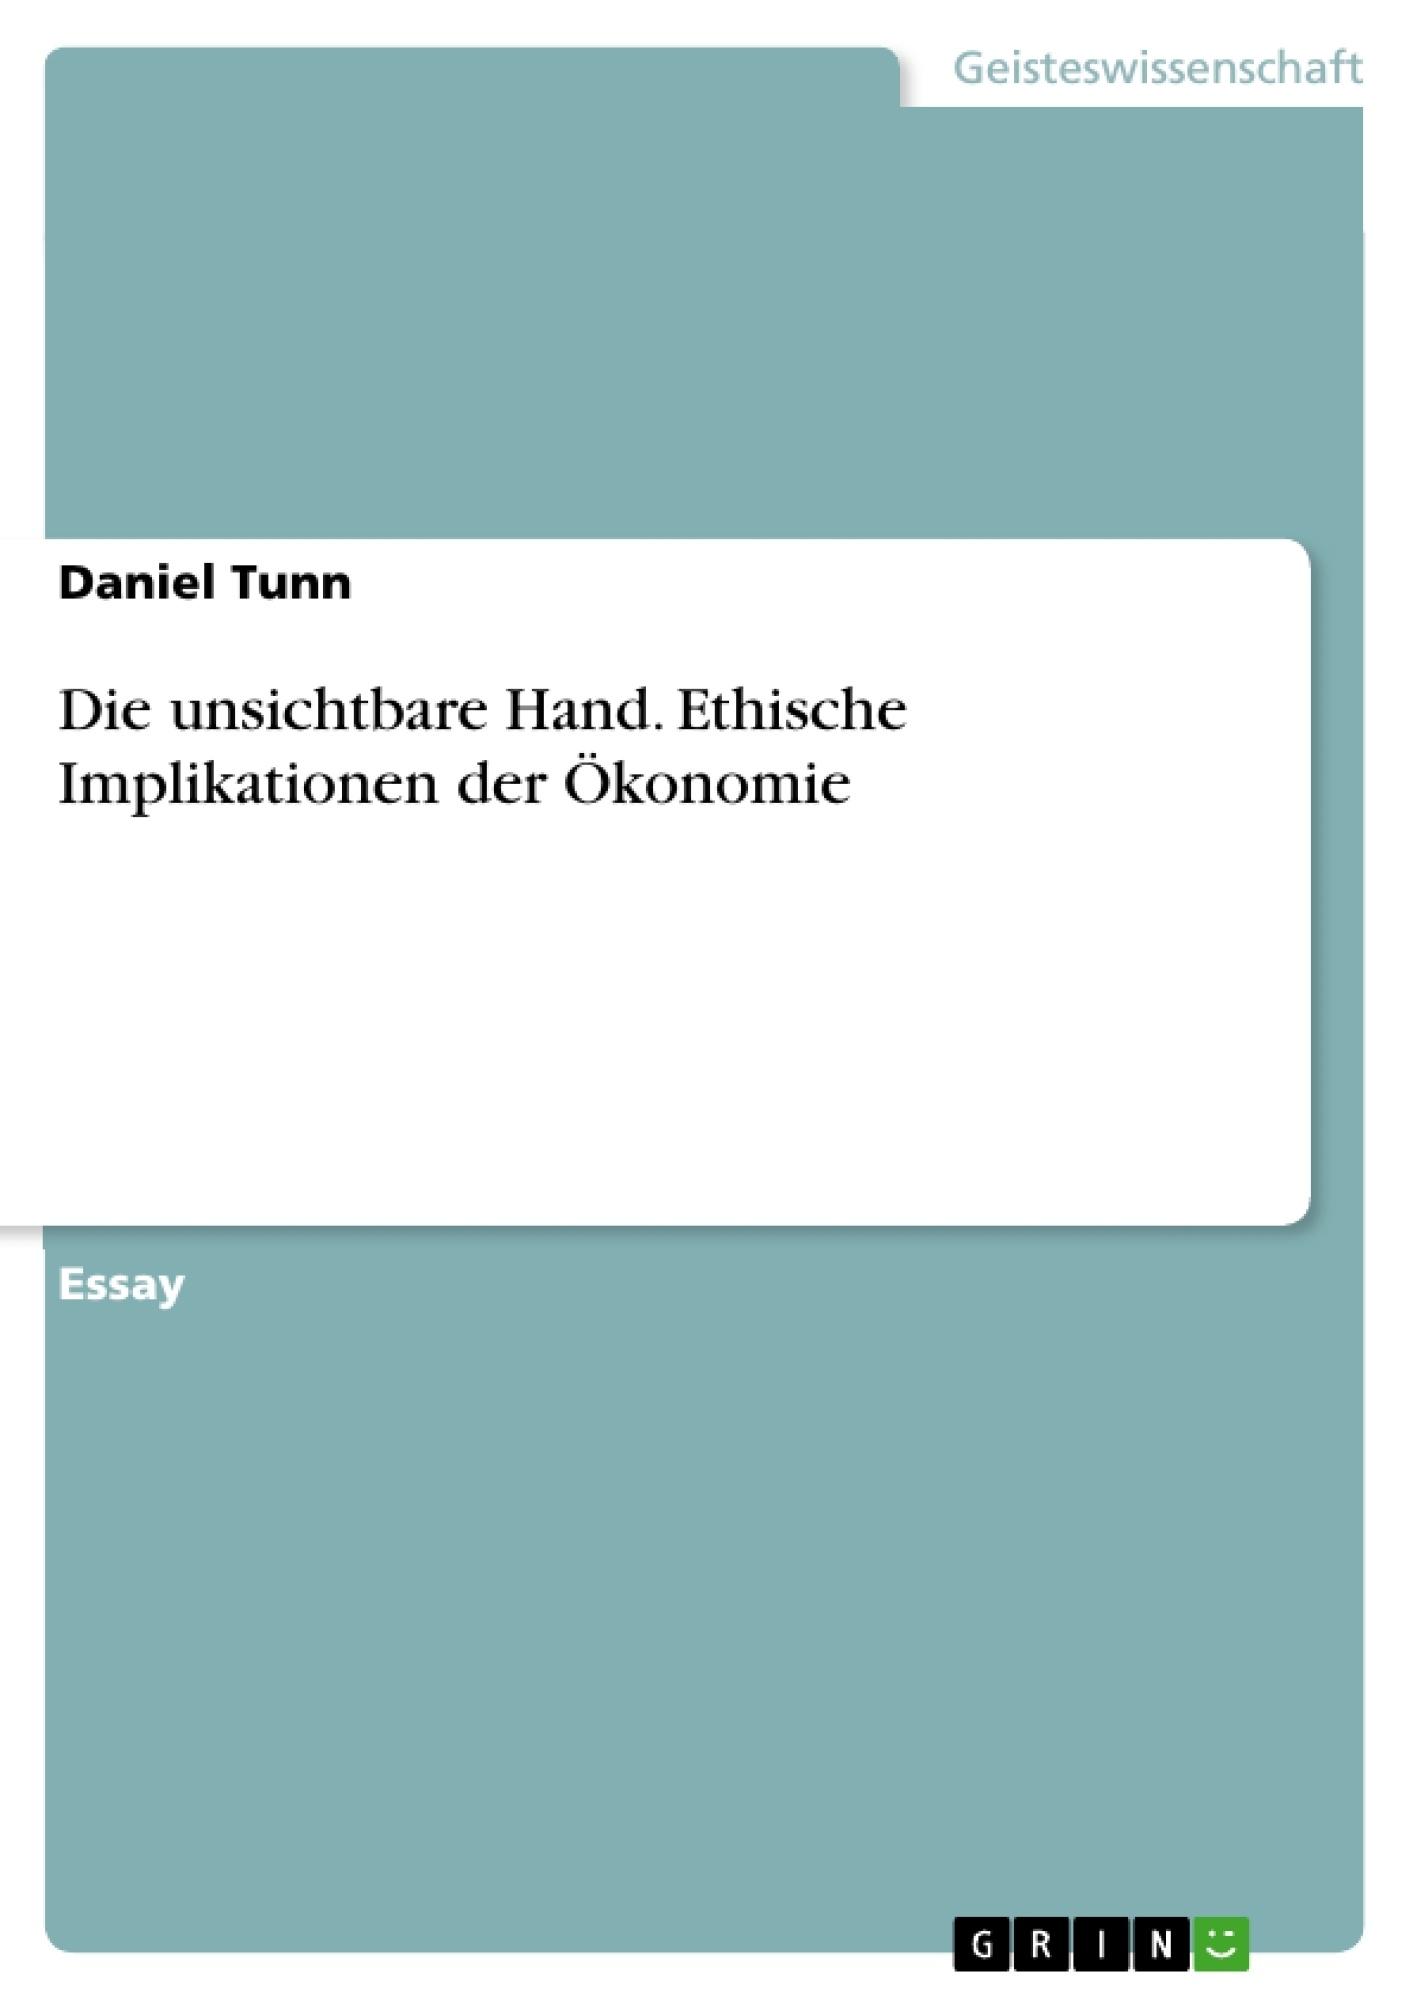 Titel: Die unsichtbare Hand. Ethische Implikationen der Ökonomie